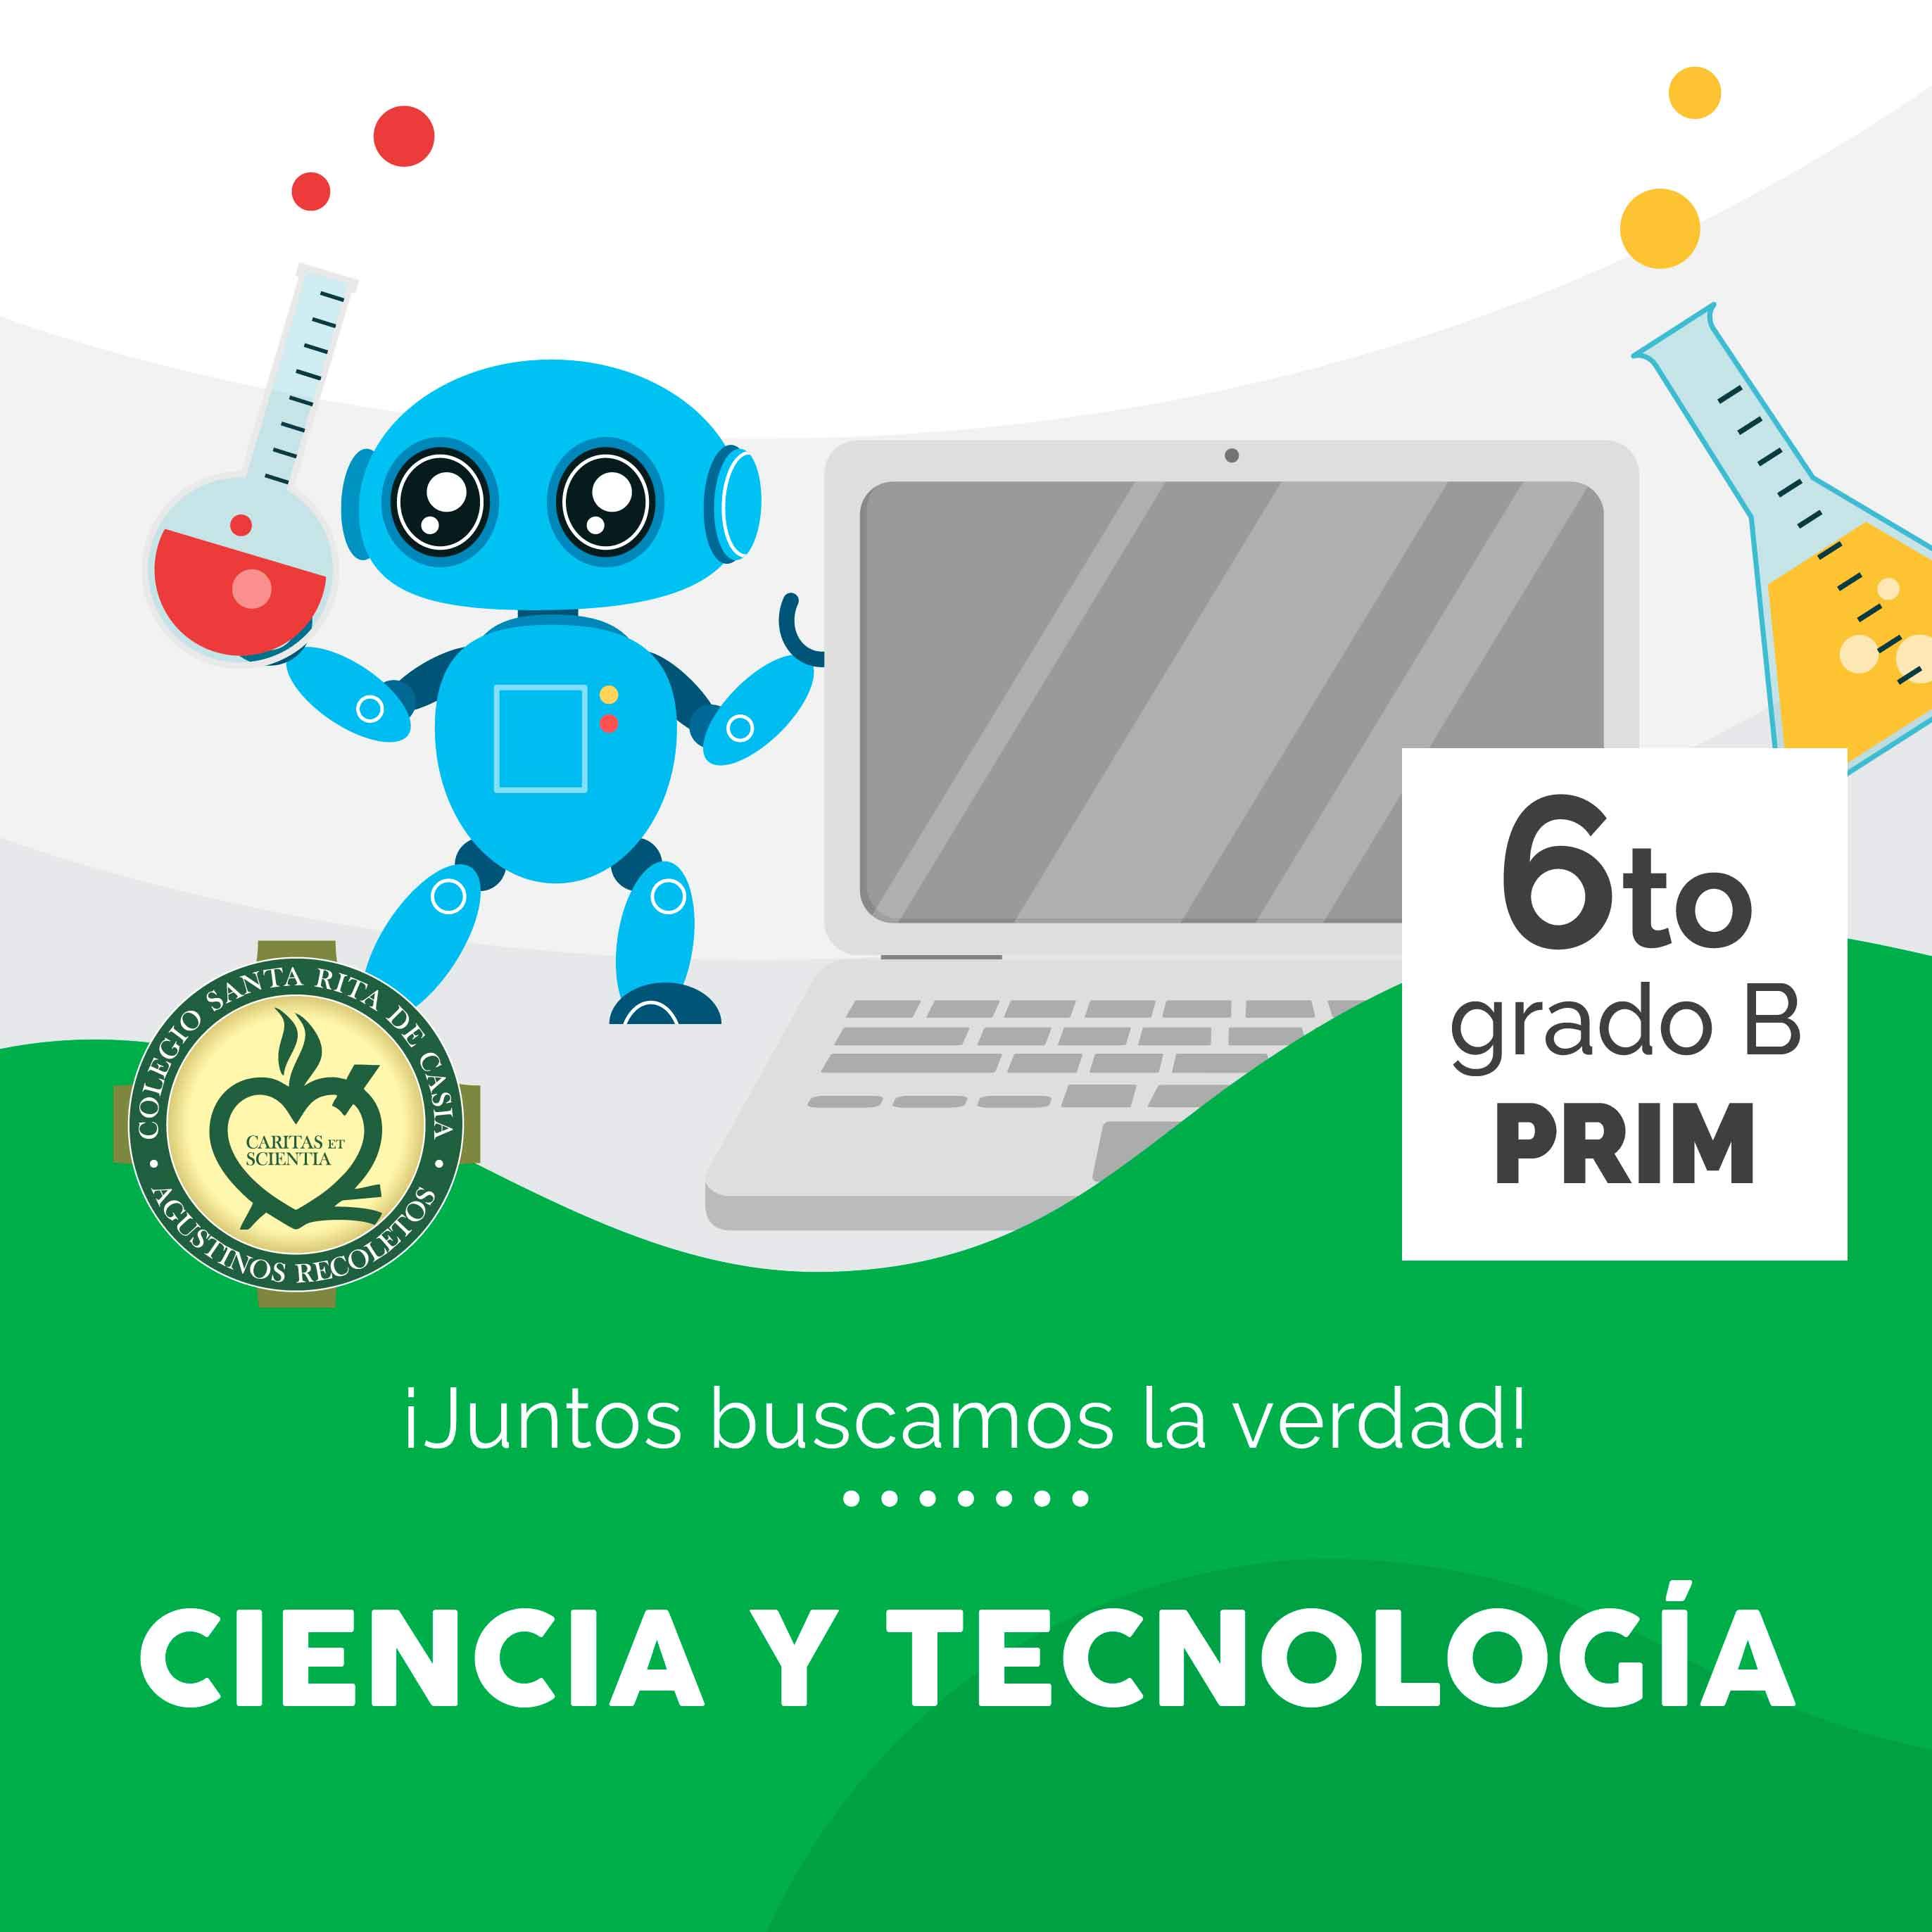 Ciencia y Tecnología 6to Grado B